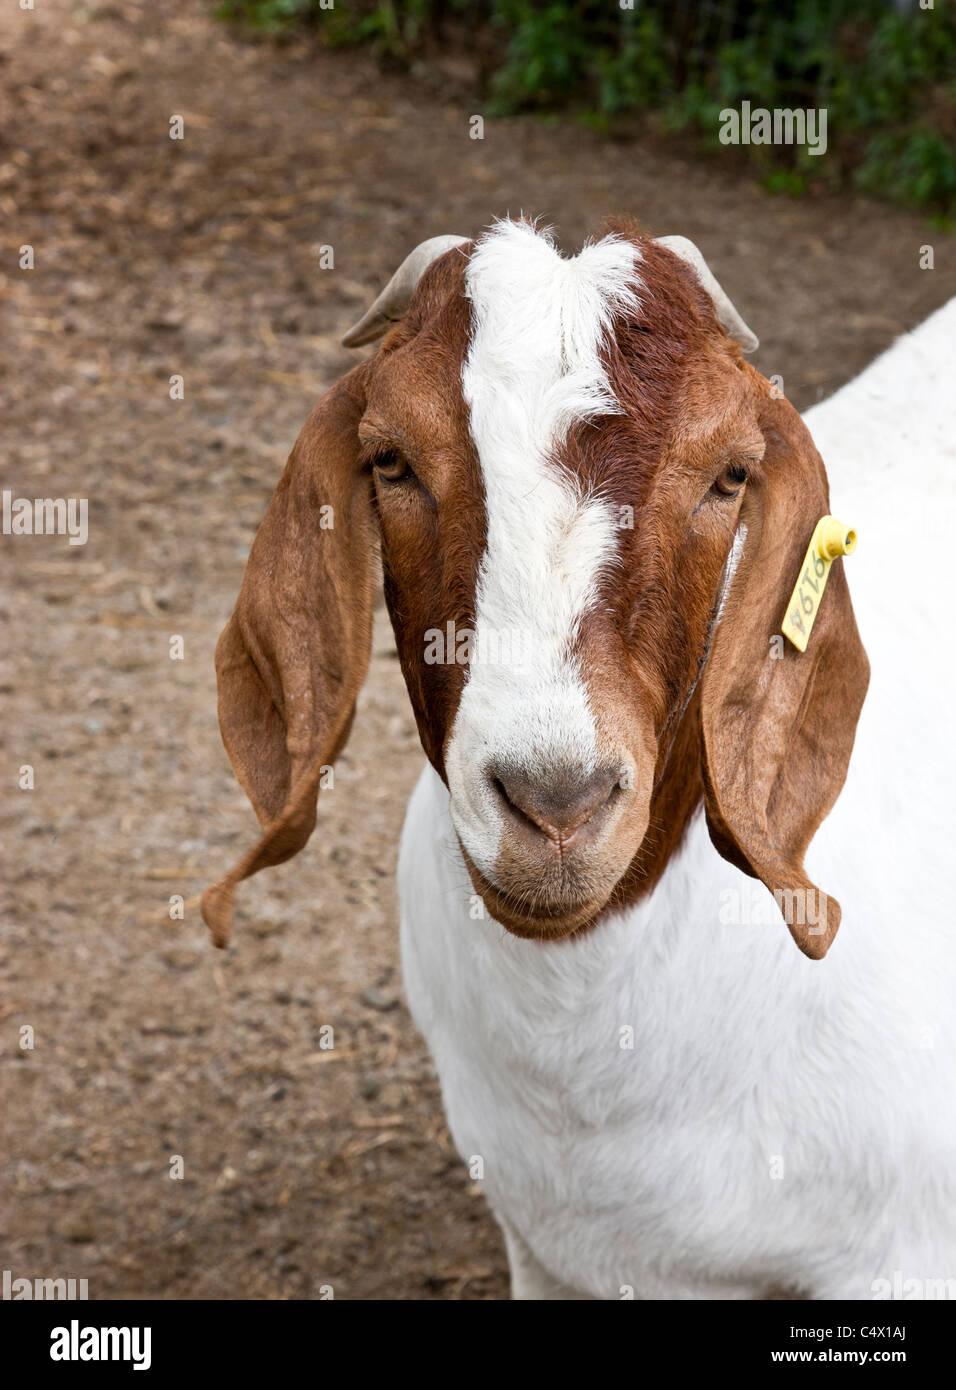 Goat 'Boer' - Stock Image